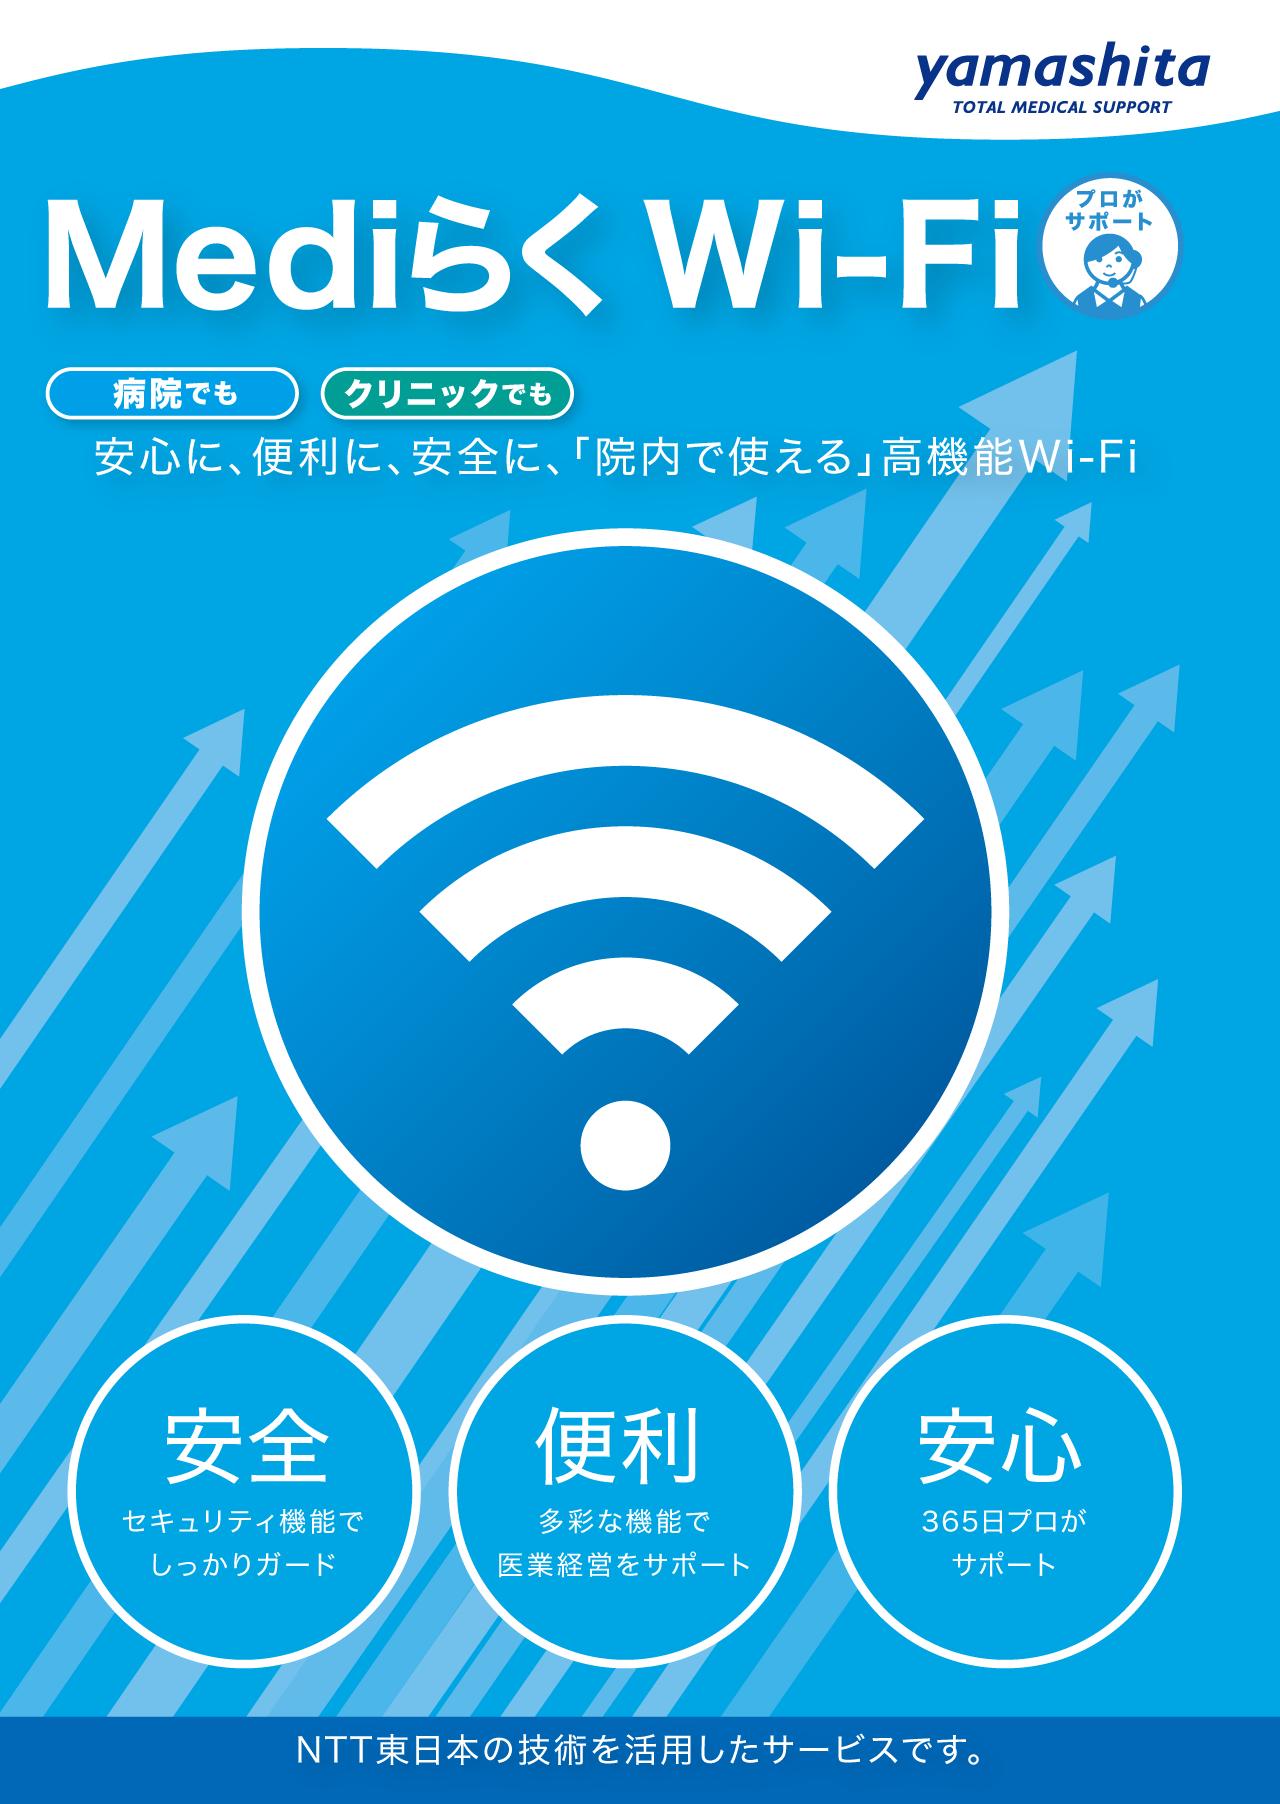 山下医科器械株式会社 【Mediらく Wi-Fi】